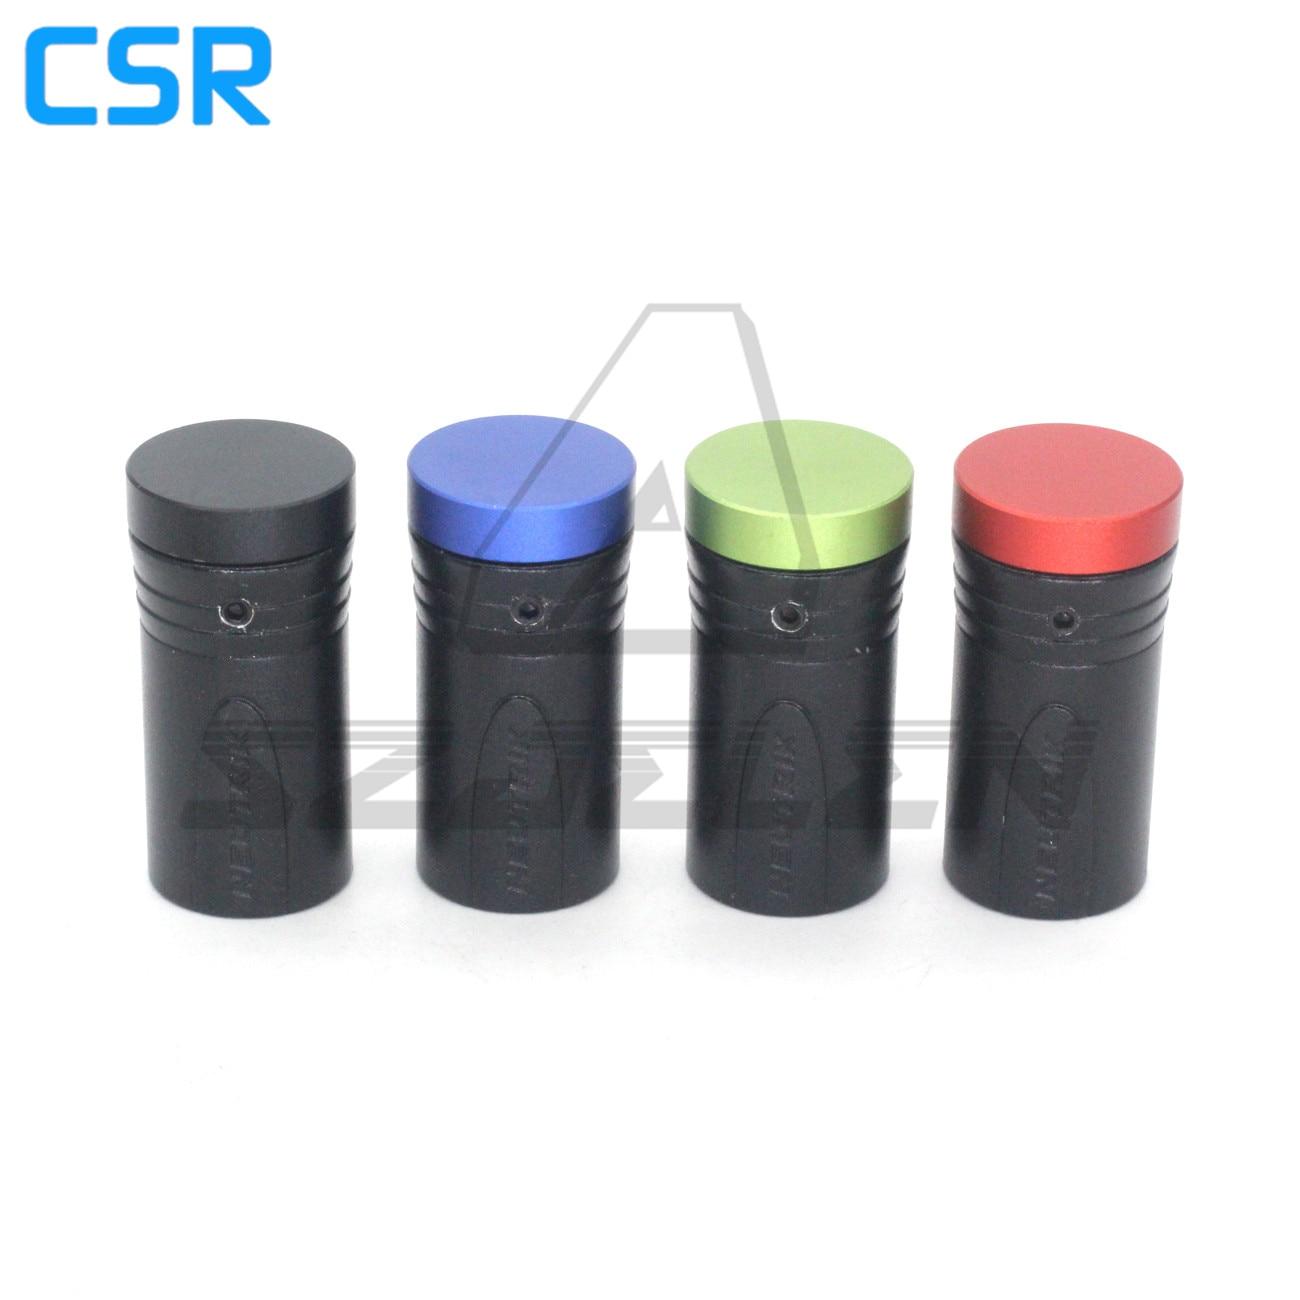 أحمر أزرق أسود أخضر منخفض المستوى XLR نيوتريك 3pin XLR ذكر الصوت PLU